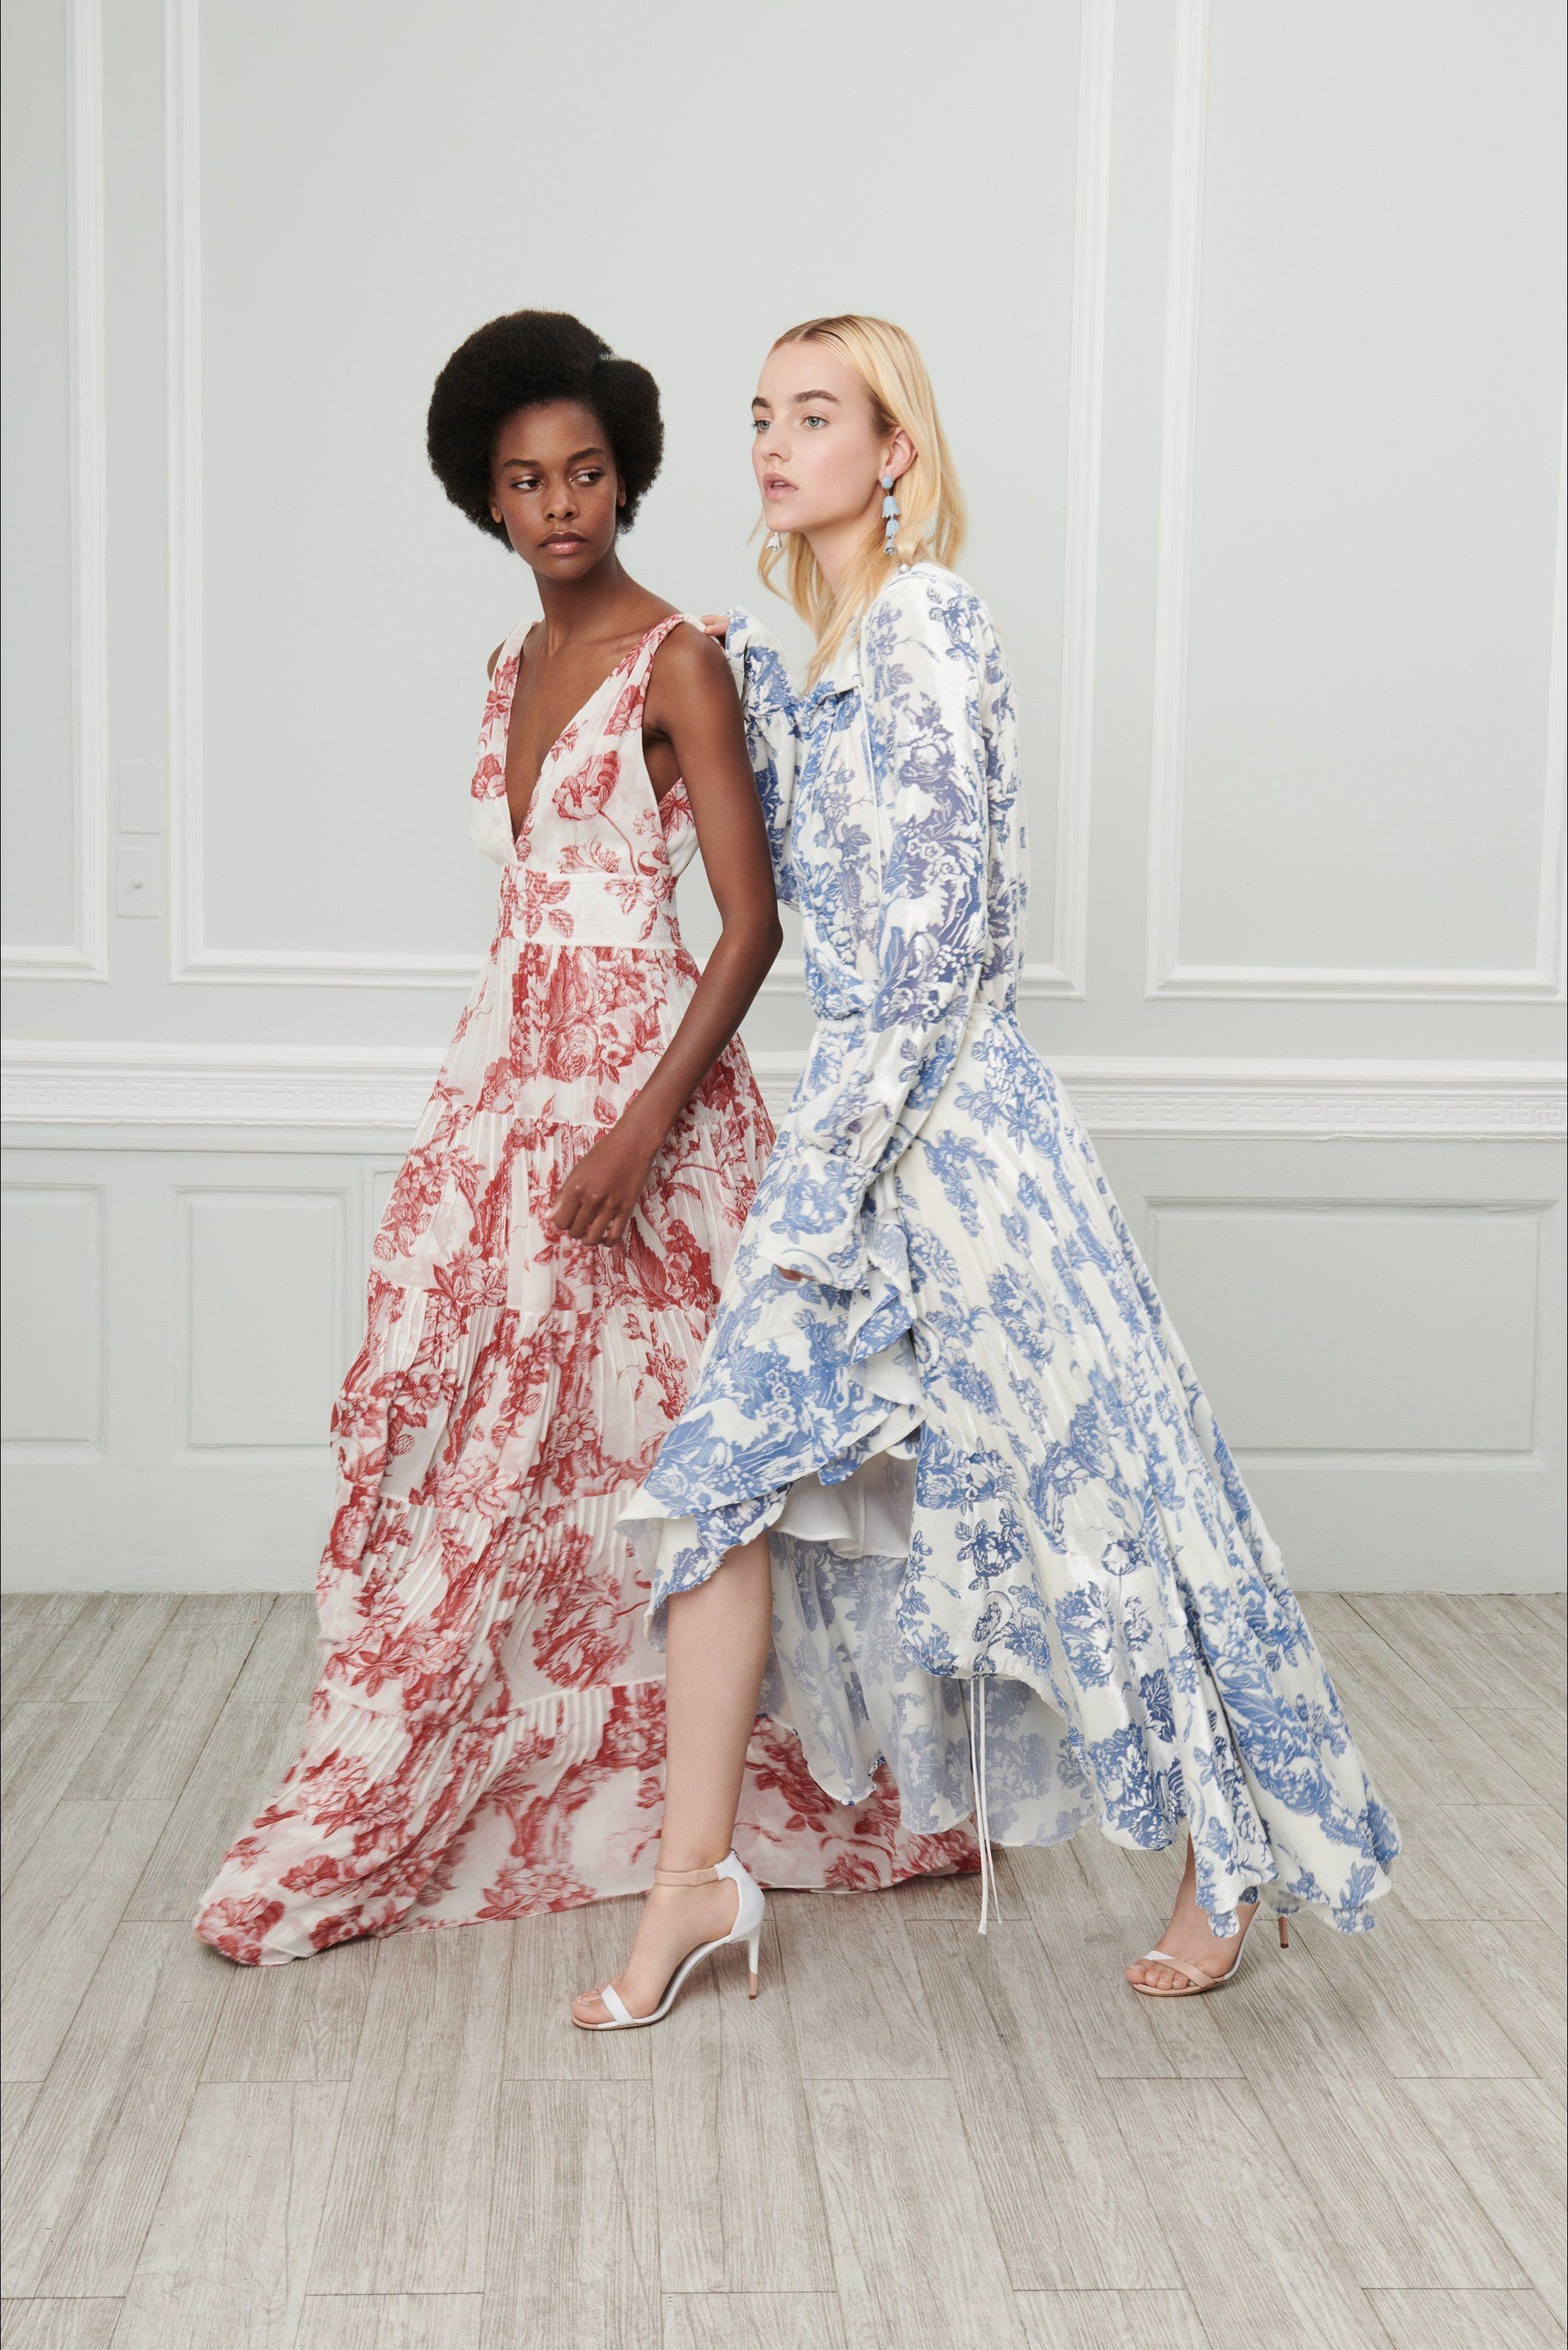 negozio del Regno Unito trova fattura immagini dettagliate selezione migliore e38ab 8165e abiti lunghi primavera estate ...